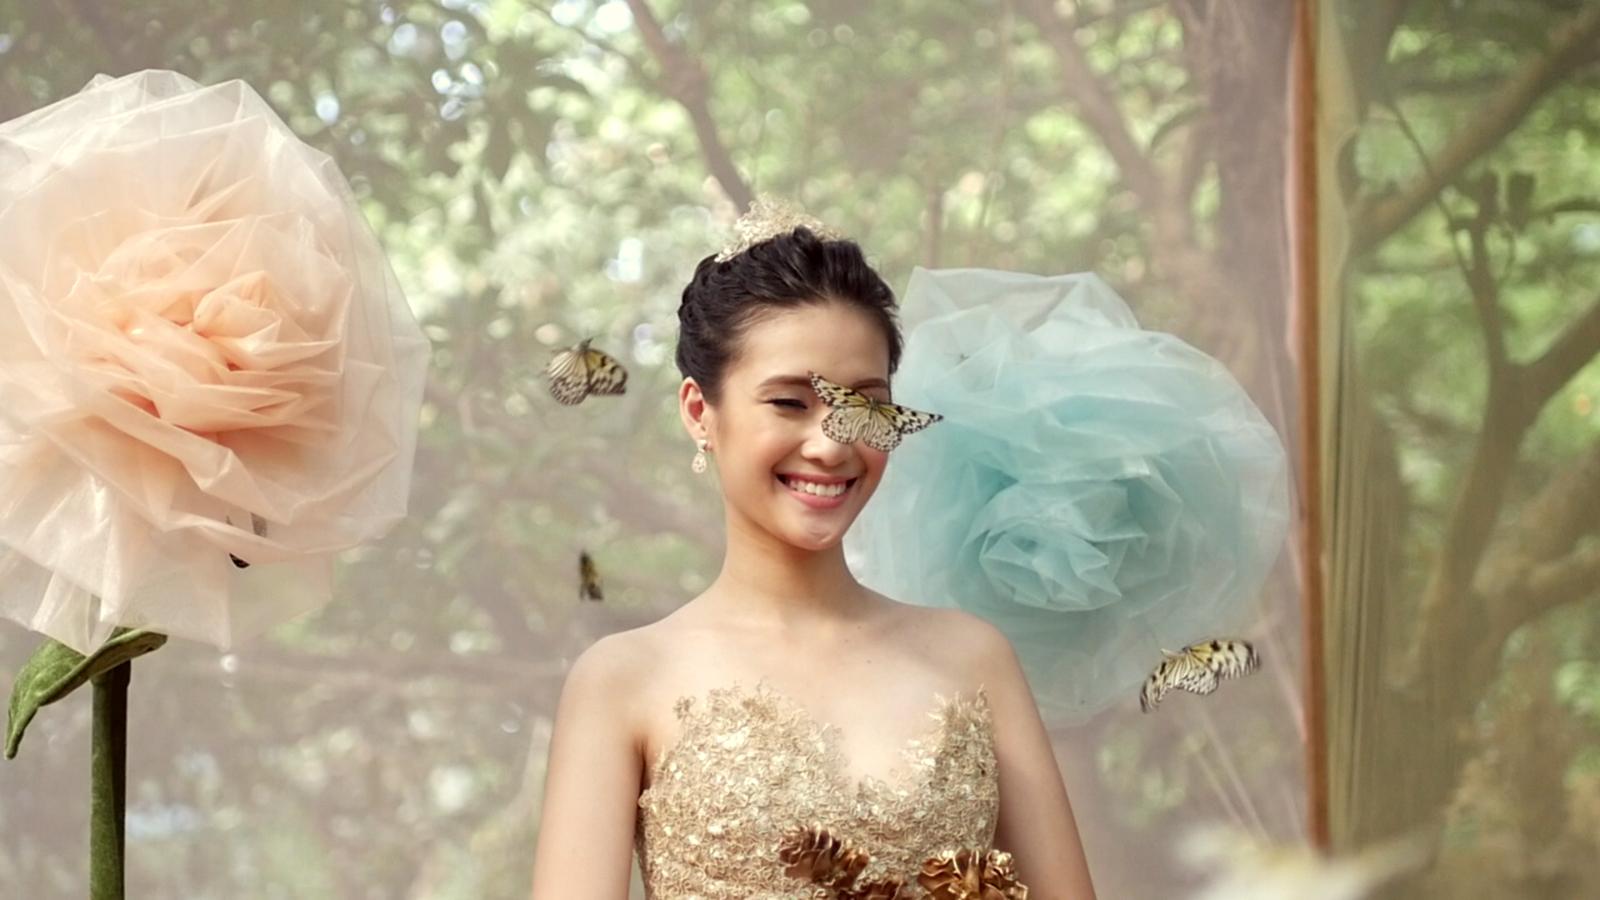 Mara Tanchanco as Cinderella